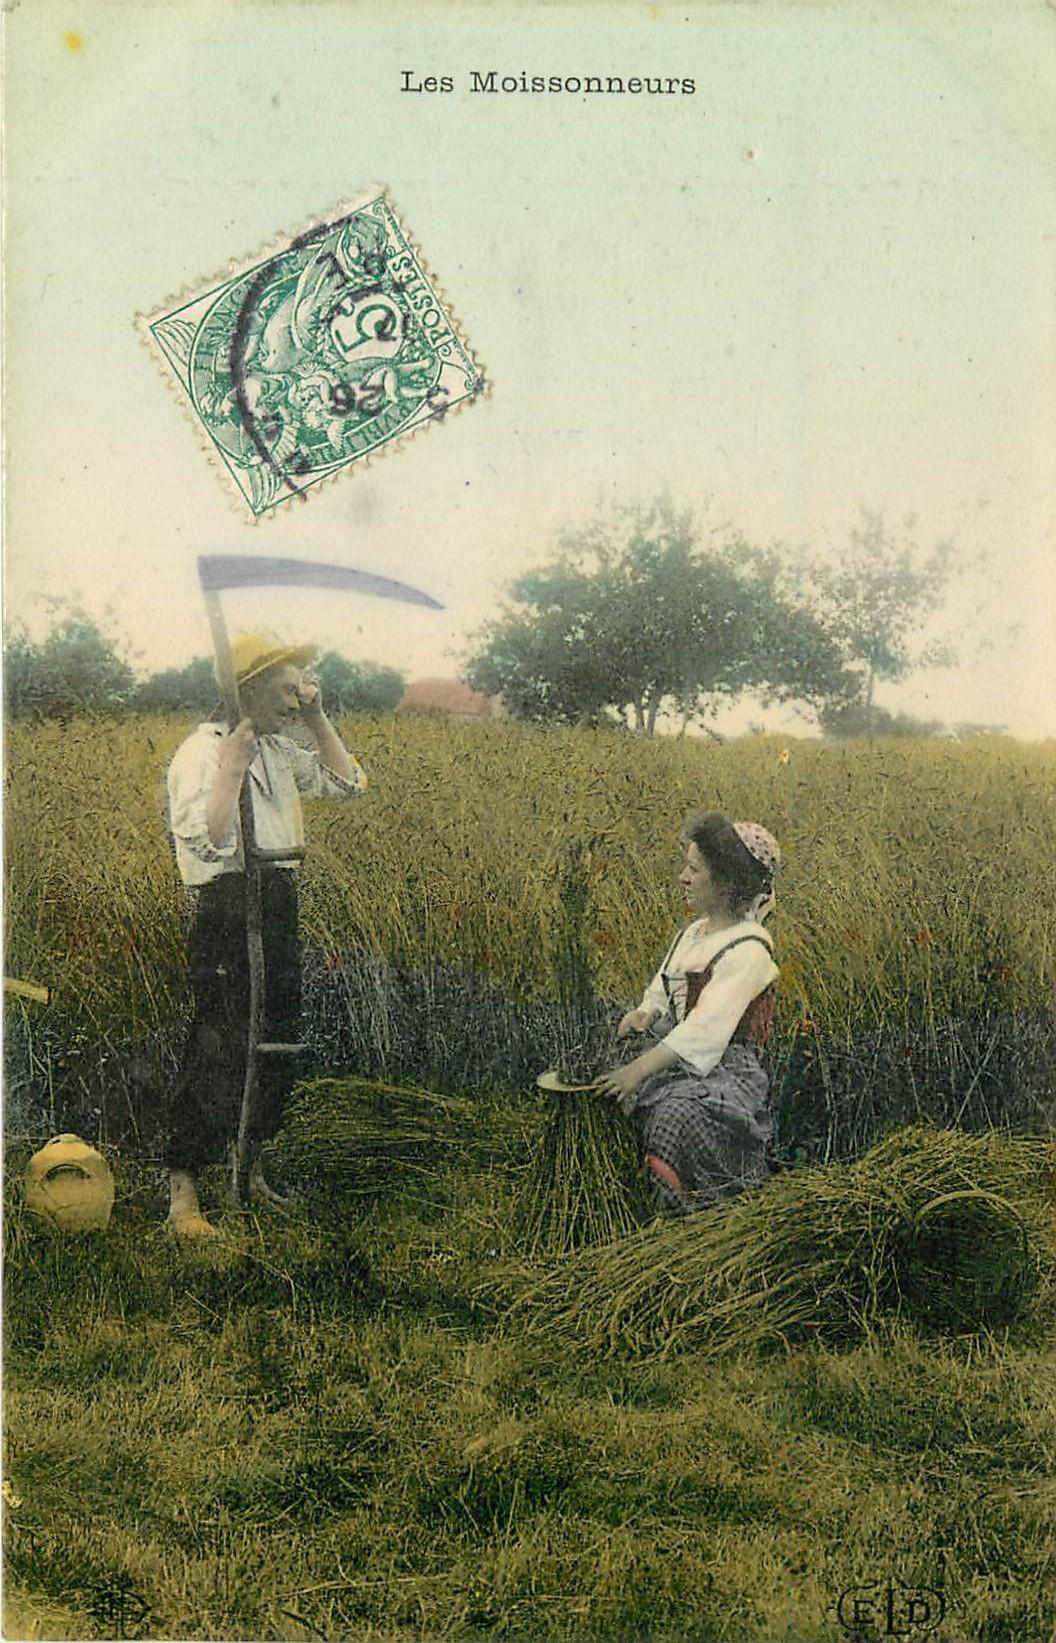 METIERS DE LA CAMPAGNE. Le Repos des Moissonneurs 1907